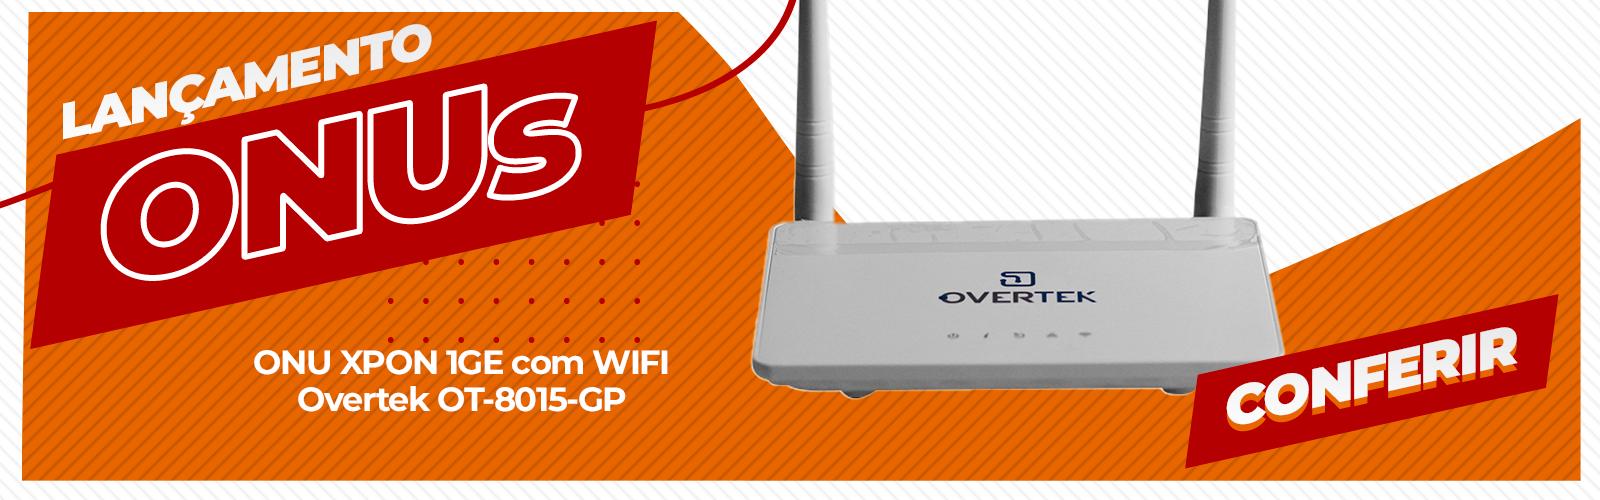 Nova ONU XPON 1GE com WIFI Overtek OT-8015-GP!